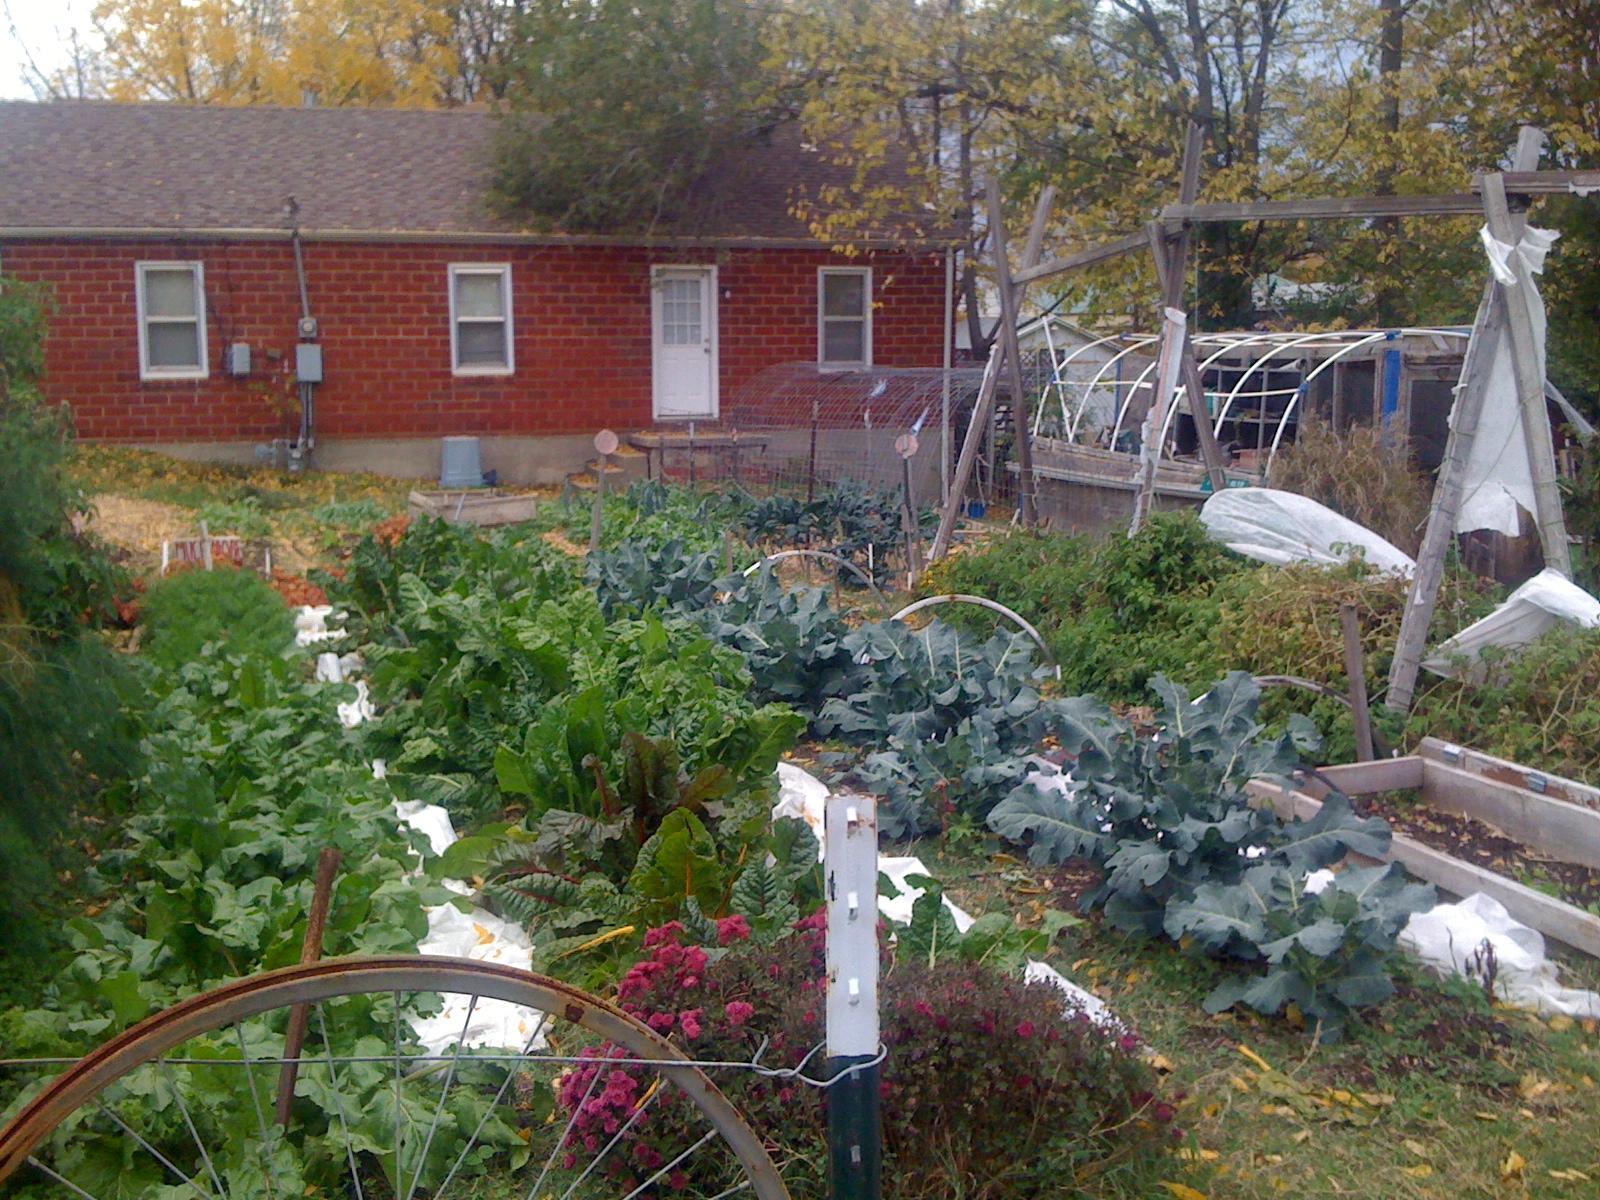 farm your yard: a shared garden | kbia